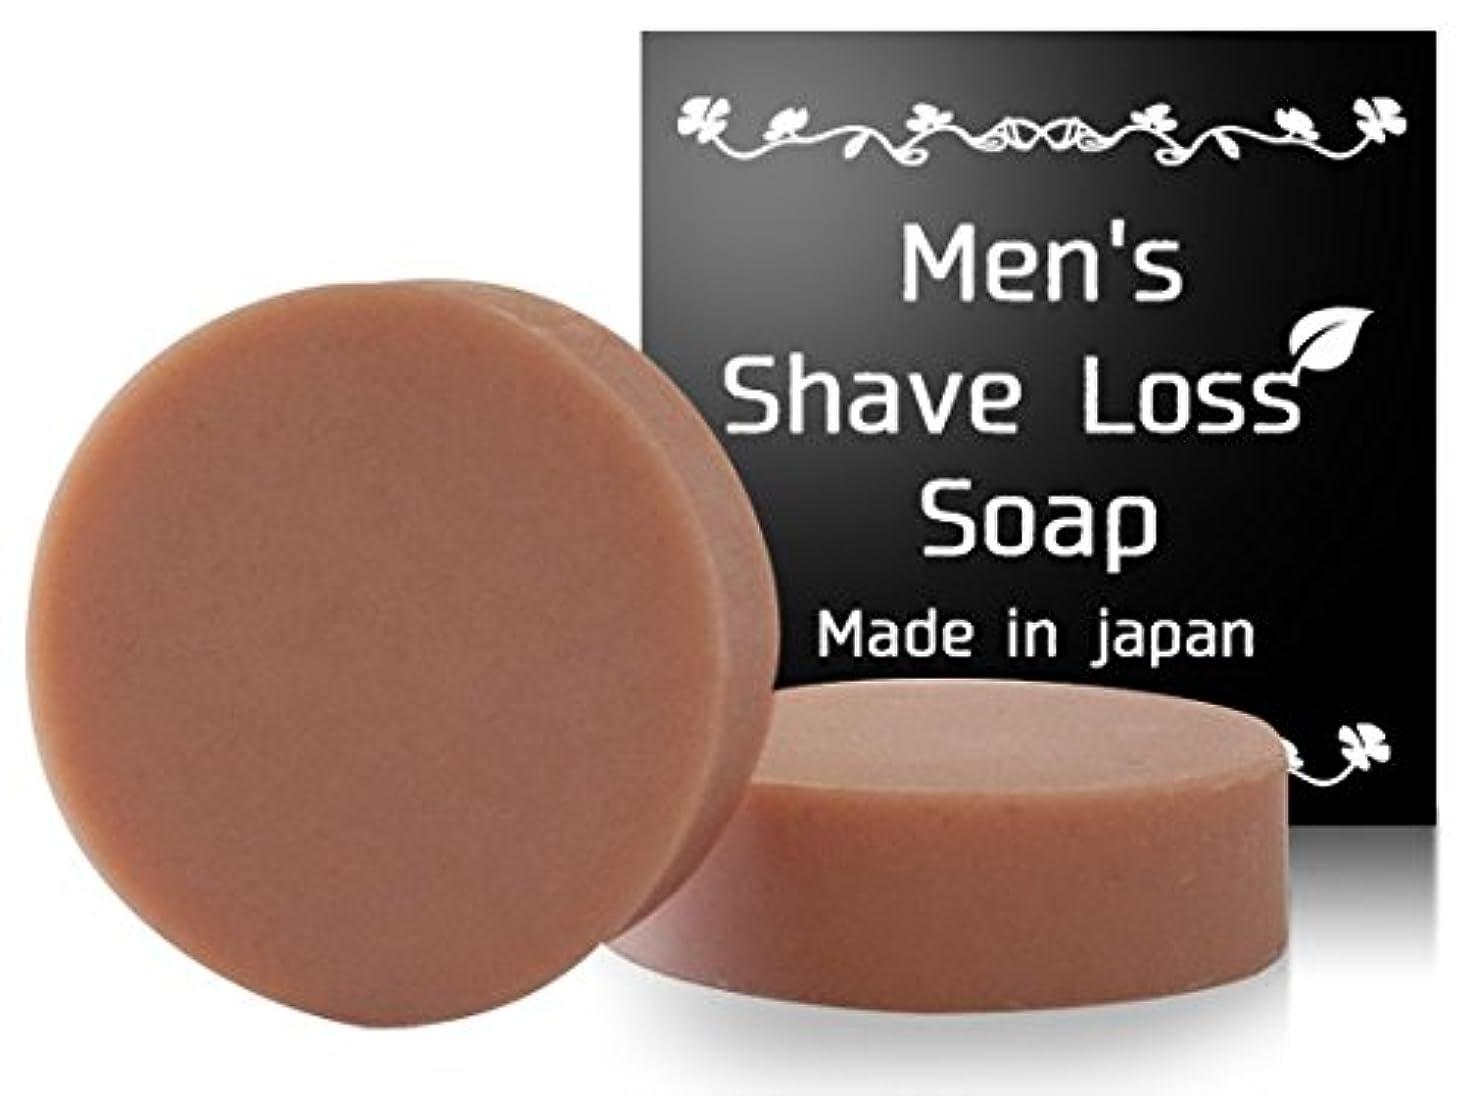 観察する憧れアジア人Mens Shave Loss Soap シェーブロス 剛毛は嫌!ツルツル過ぎも嫌! そんな夢を叶えた奇跡の石鹸! 【男性専用】(1個)